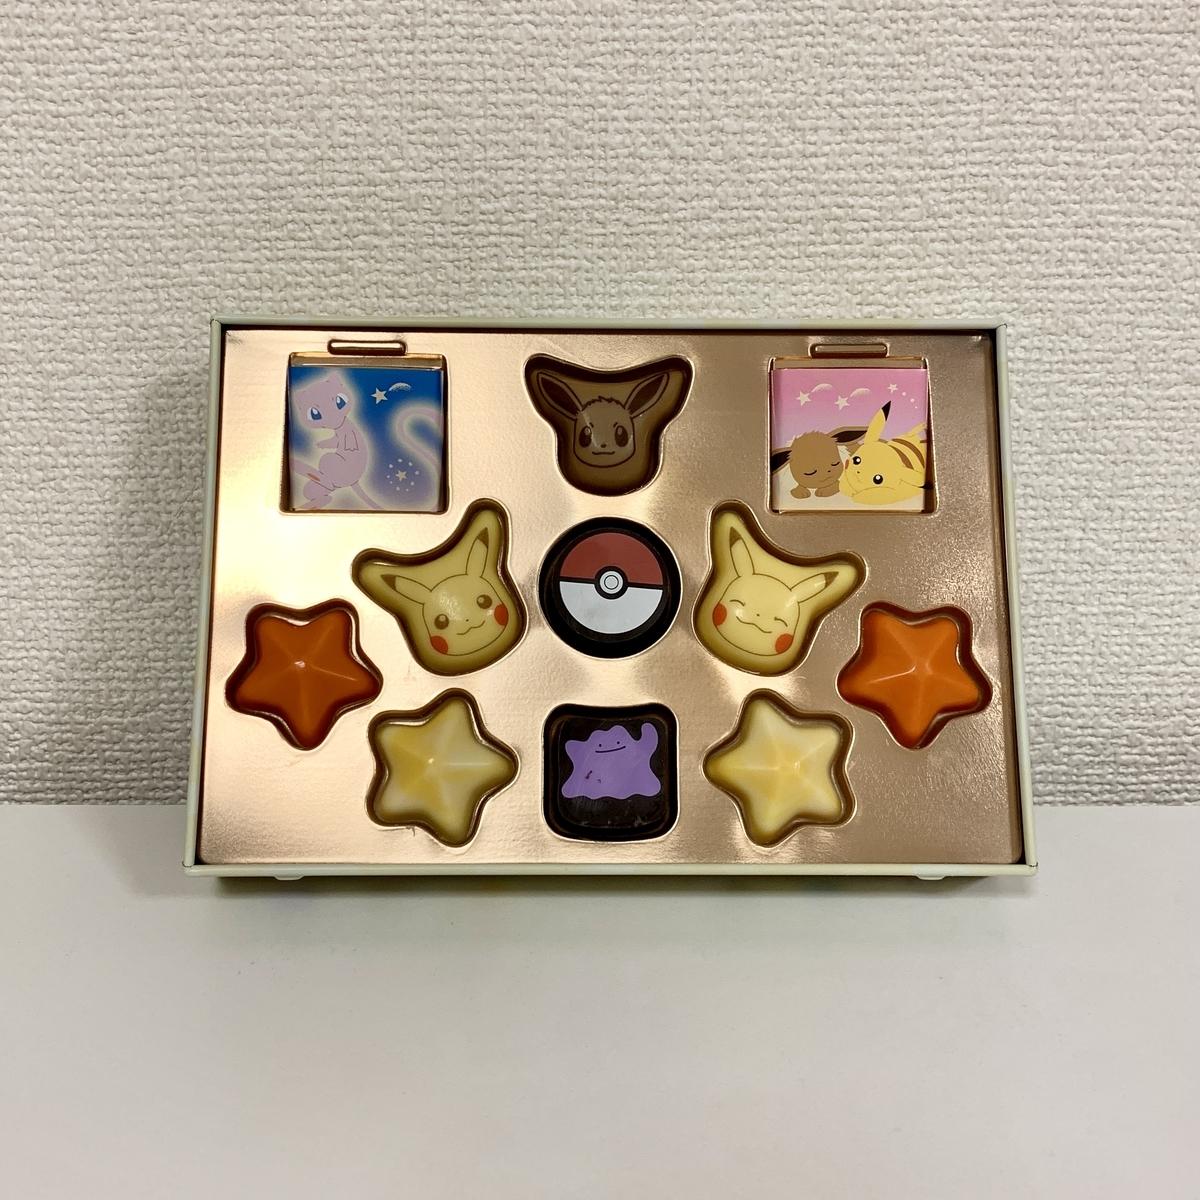 f:id:pikachu_pcn:20210110170923j:plain